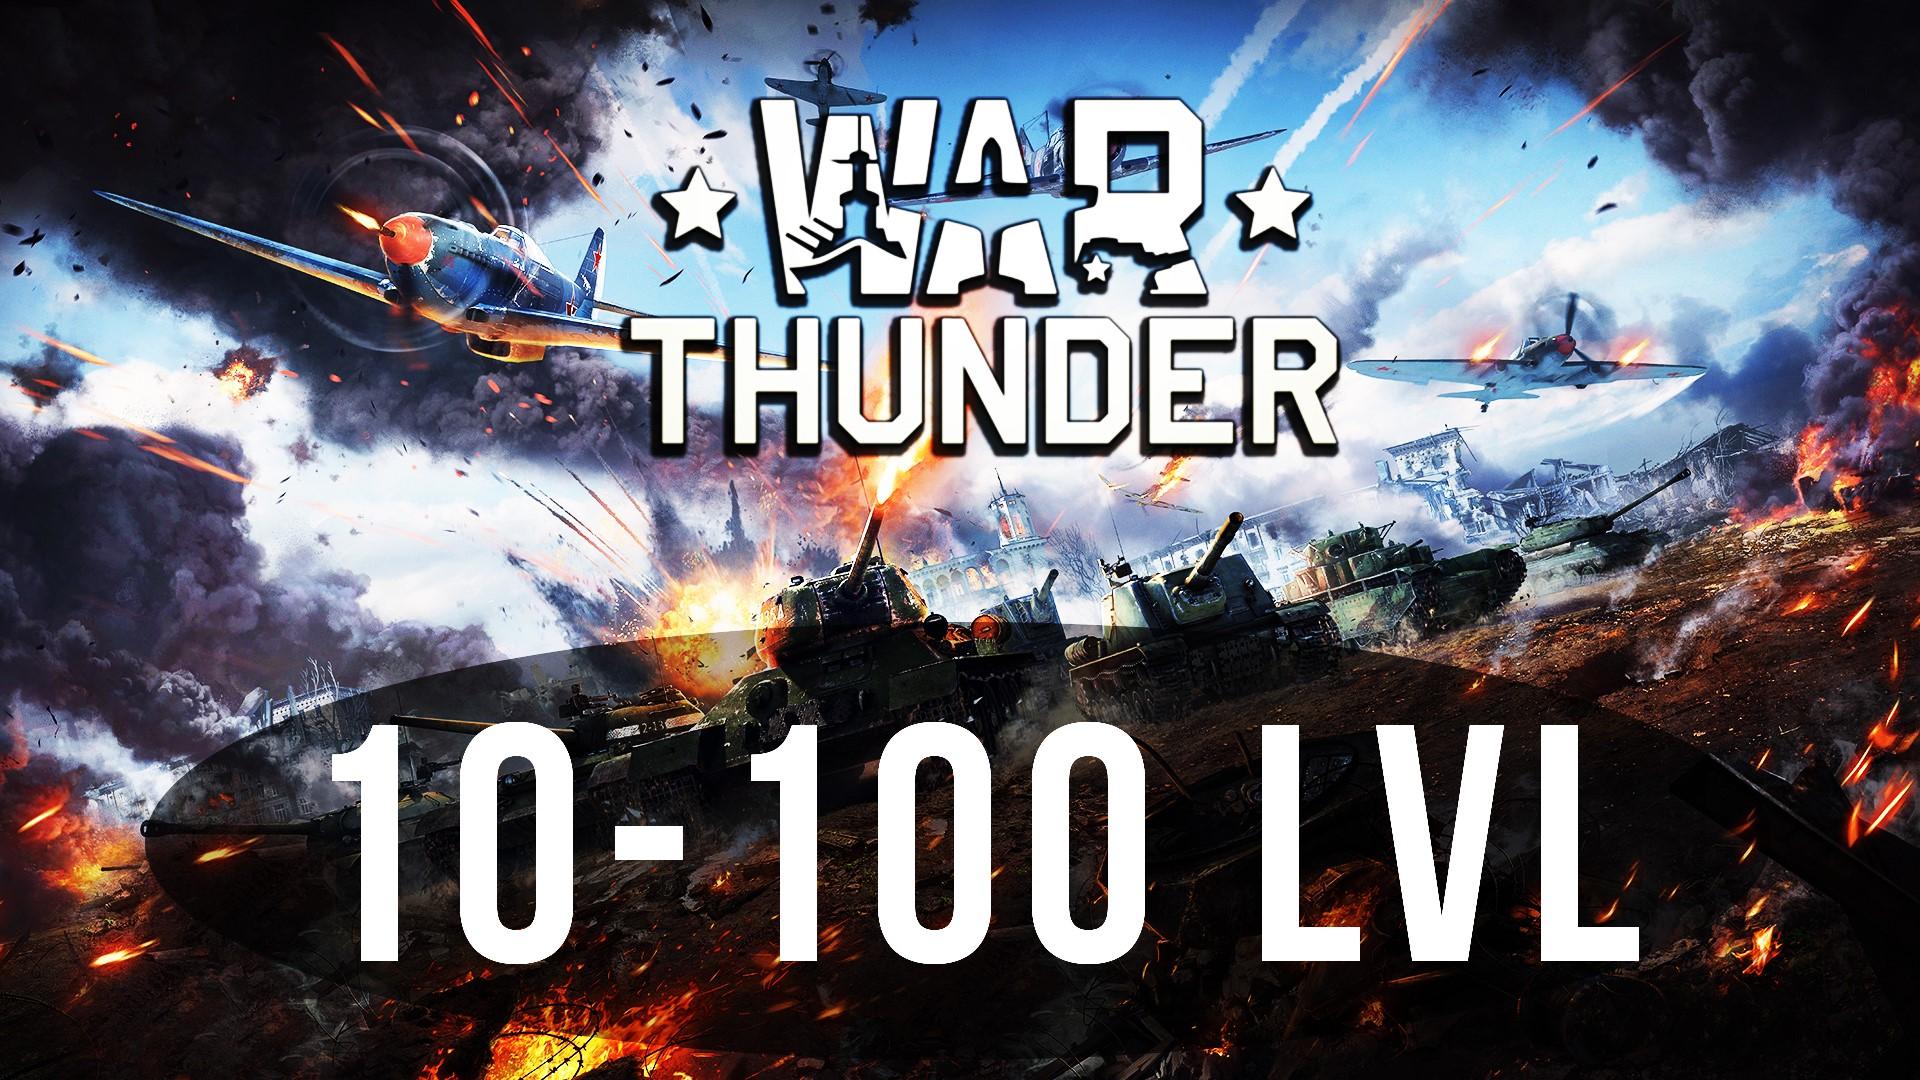 Фотография war thunder от 10 до 100 уровня+подарок+бонус